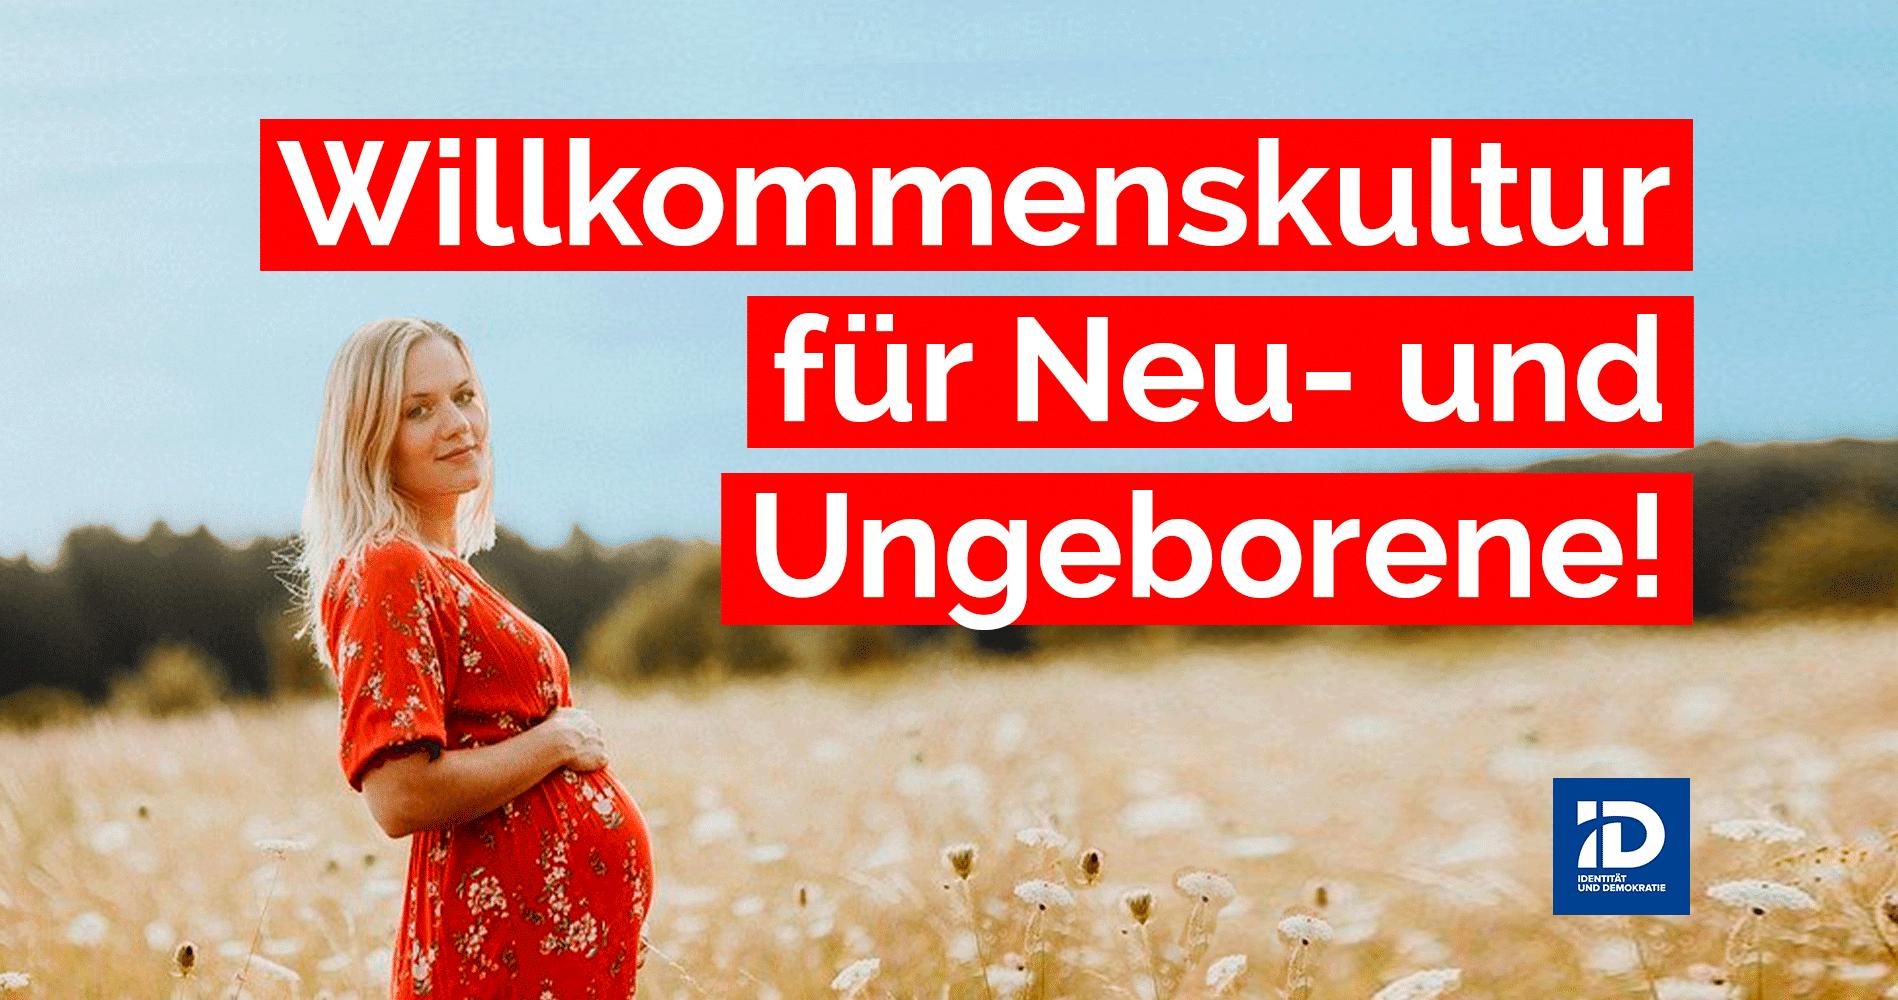 Um der millionenfachen Tragödie der Abtreibung zu begegnen, müssen wir werdende Mütter und Familien viel stärker unterstützen. Die Entscheidung für Kinder muss leichter werden! Deshalb will die AfD zukunftsgerichtet Familien steuerlich begünstigen und finanziell unterstützen. Kinder dürfen in Deutschland kein Armutsrisiko sein!